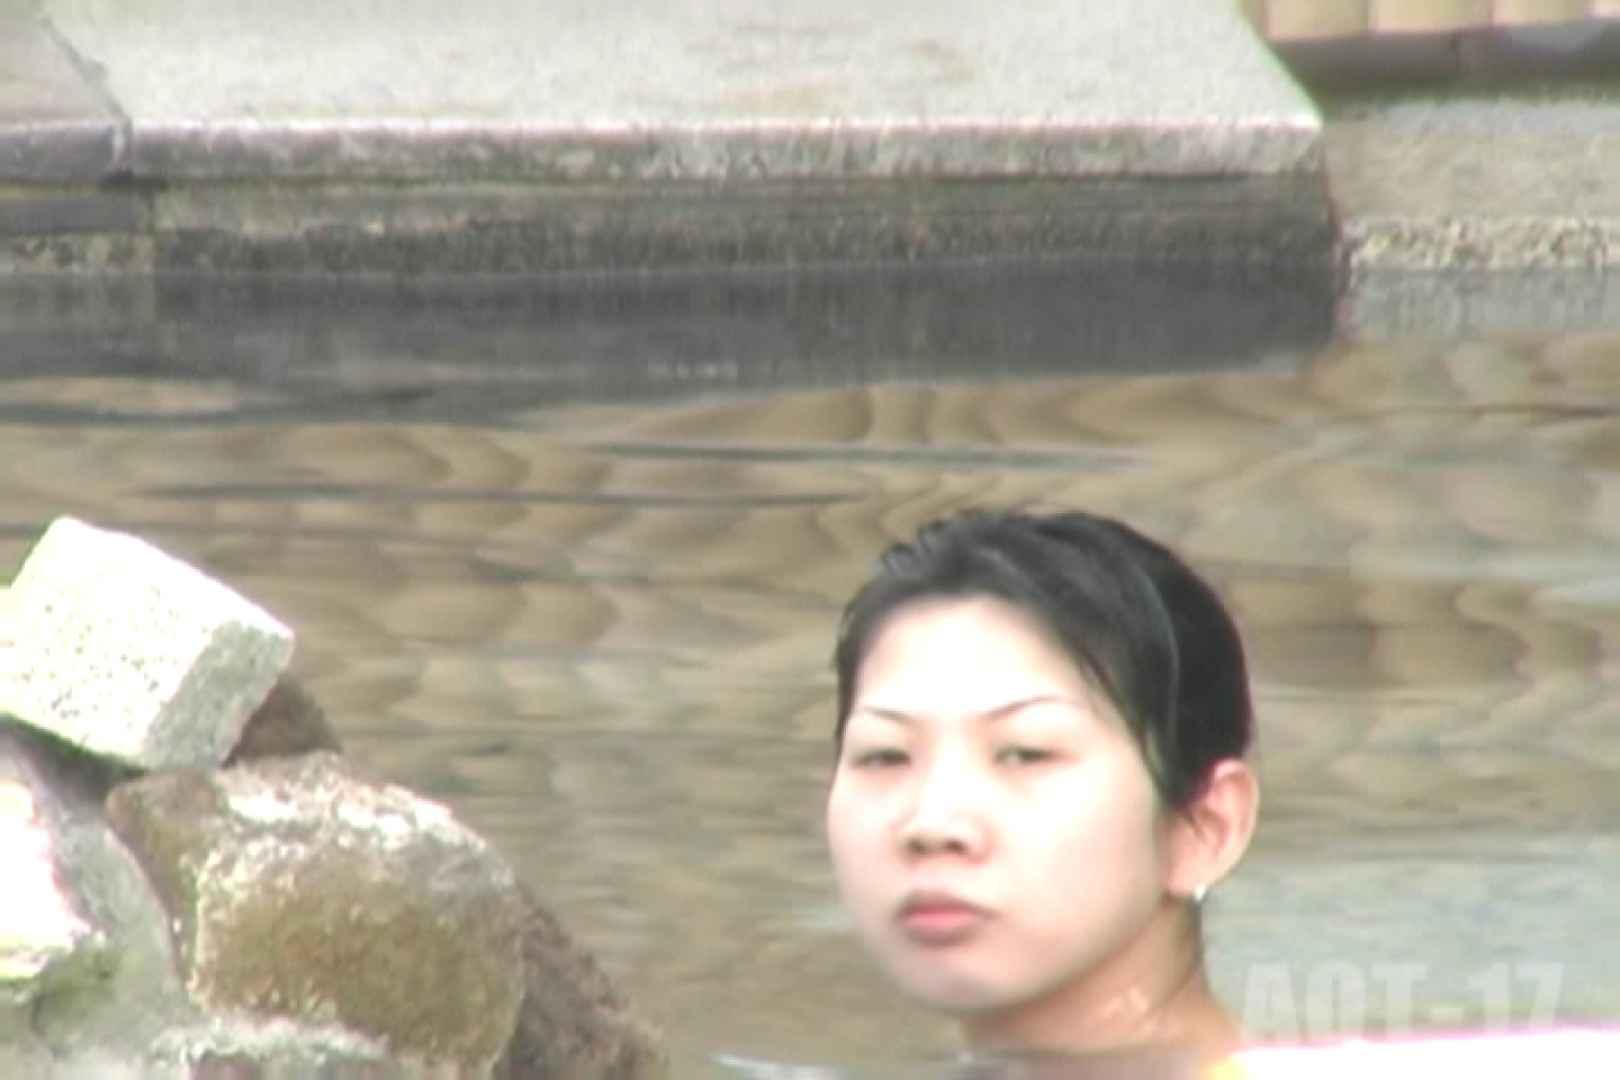 Aquaな露天風呂Vol.850 盗撮 | OLすけべ画像  38連発 22